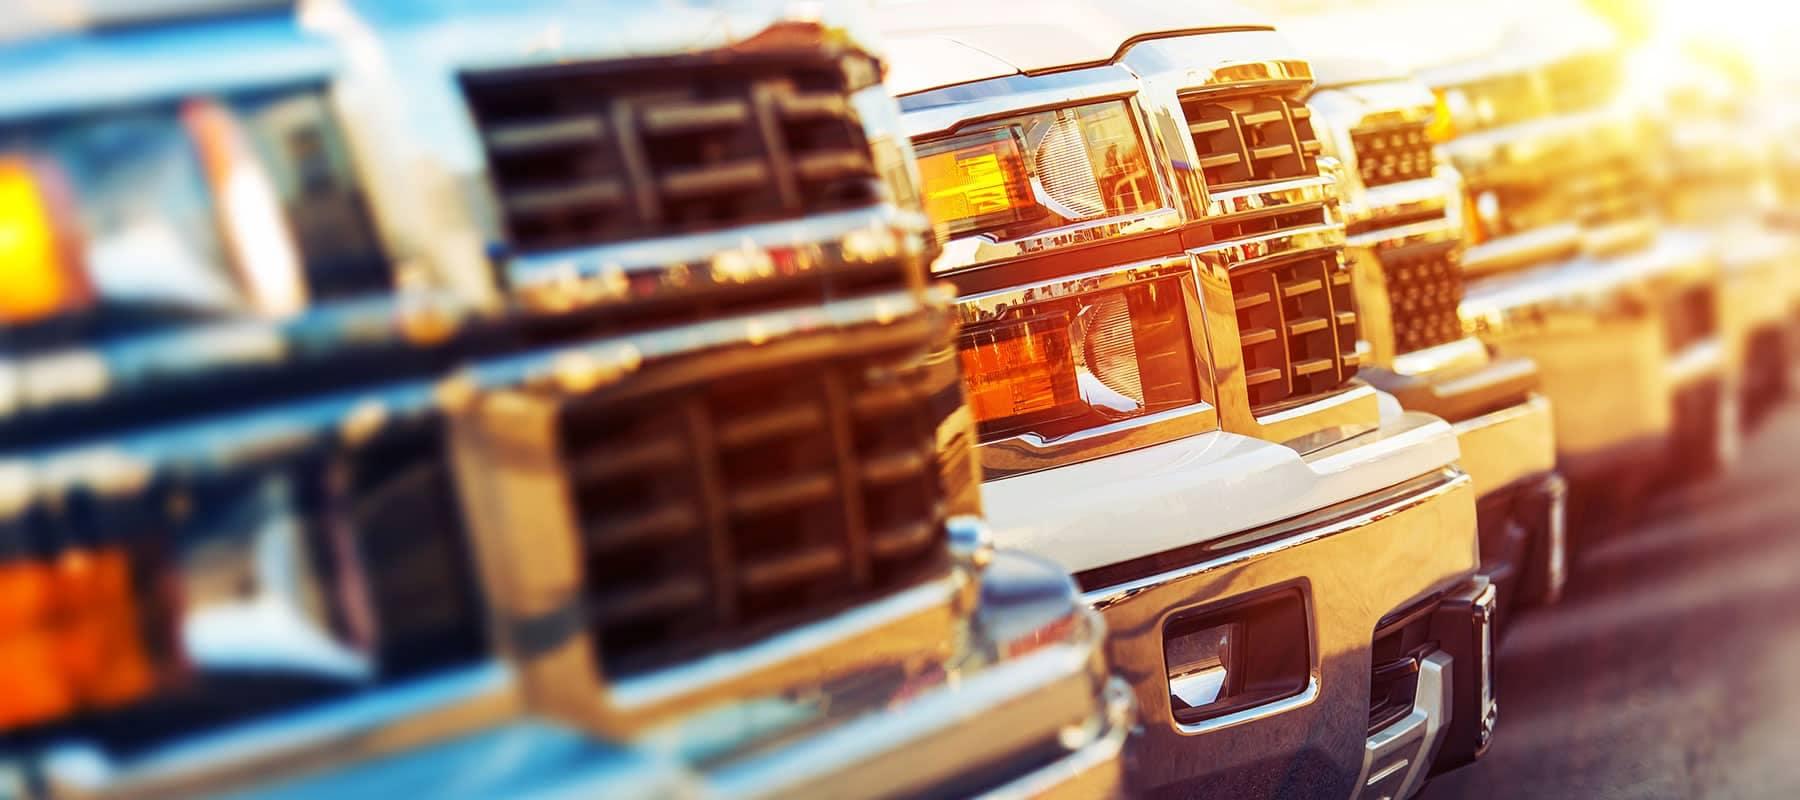 used trucks for sale in longview tx toyota of longview